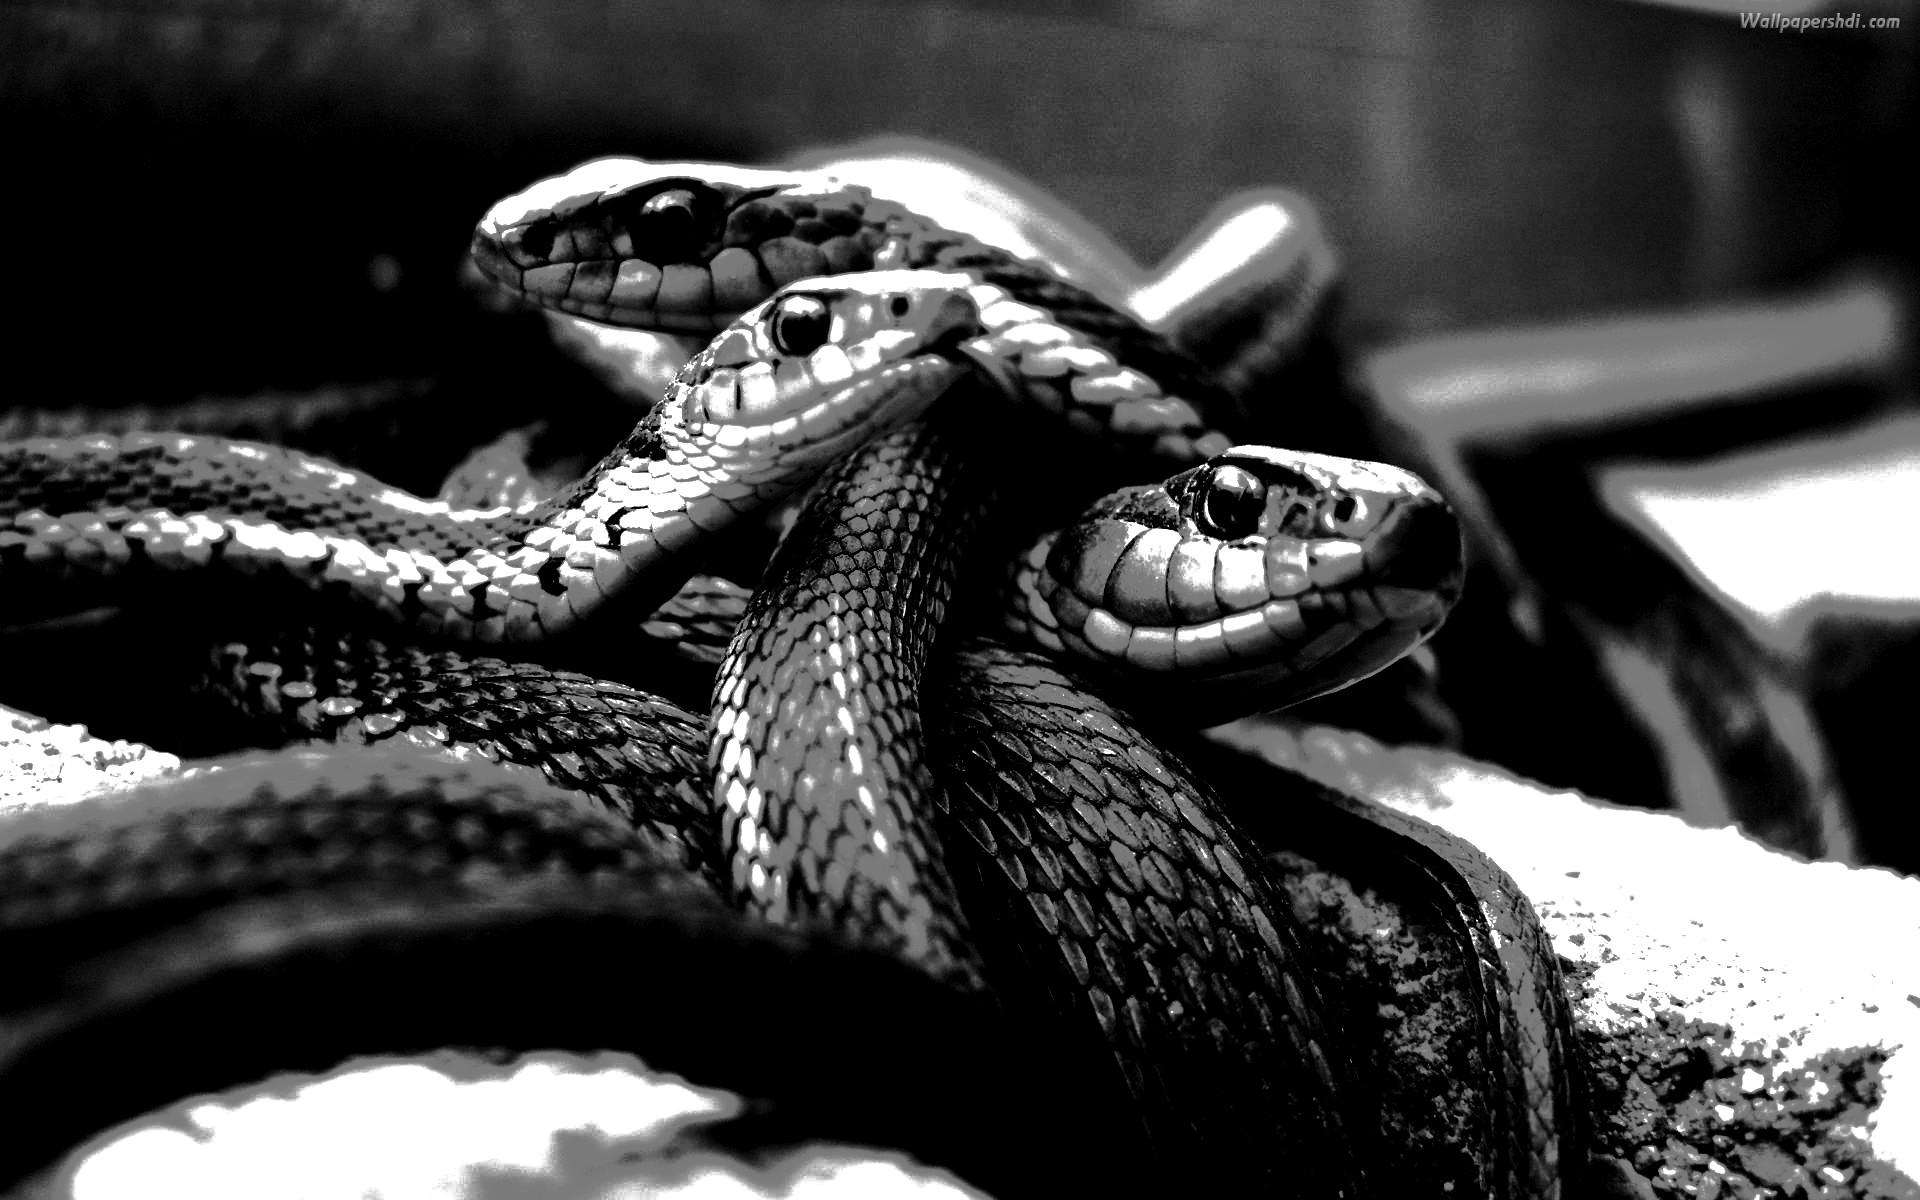 Res: 1920x1200, Title : Desktop hd wallpaper snake black